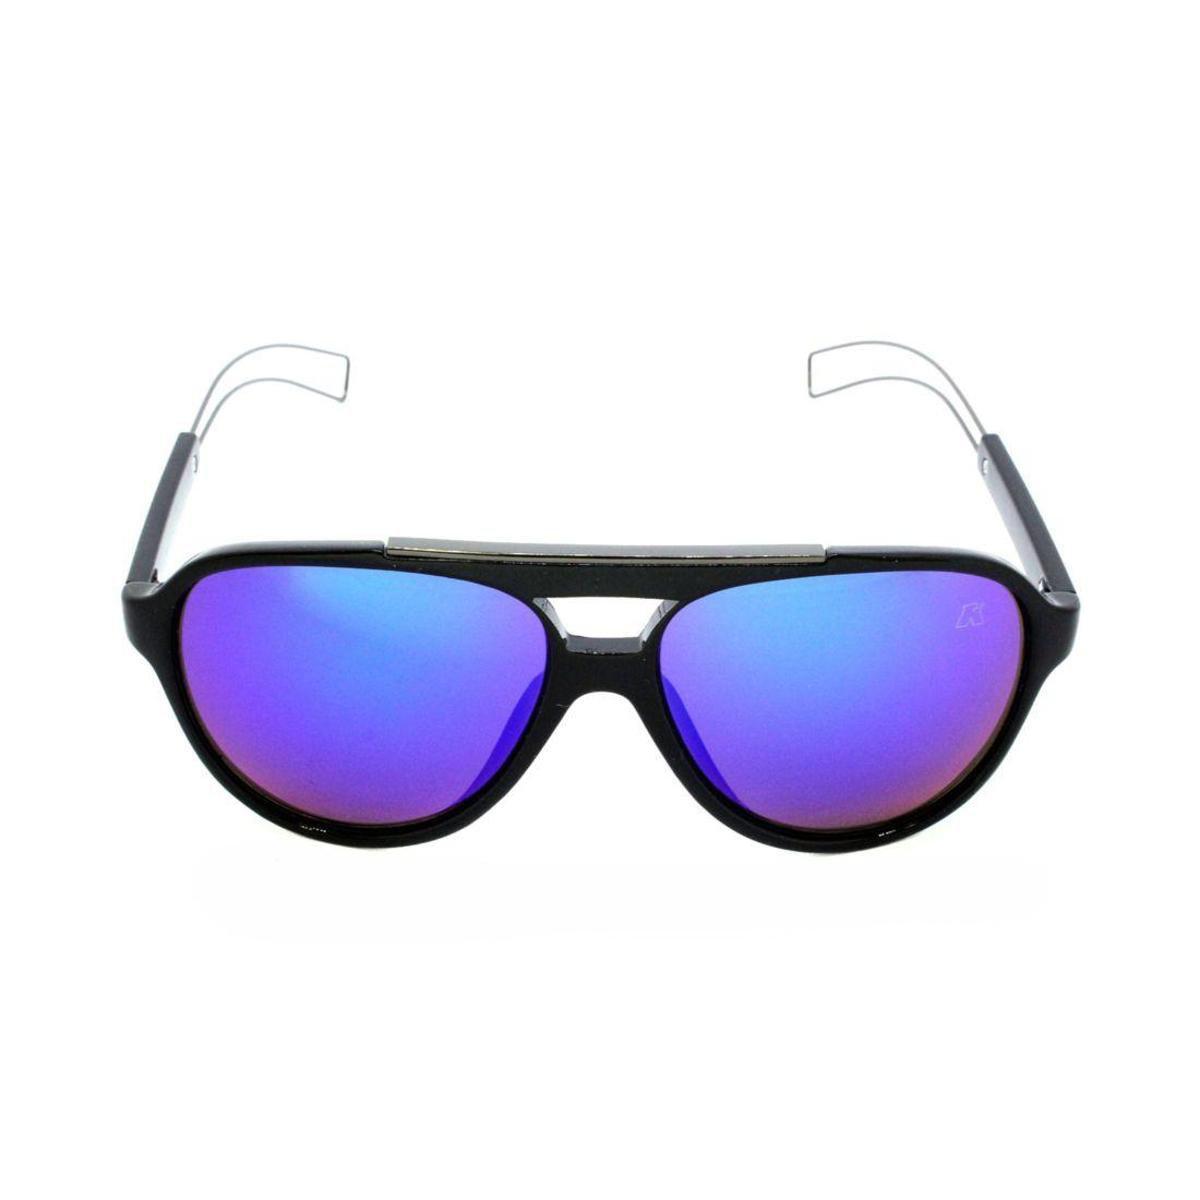 b4bd137a26492 Óculos de Sol Khatto Aviador Tipo Masculino - Preto - Compre Agora ...